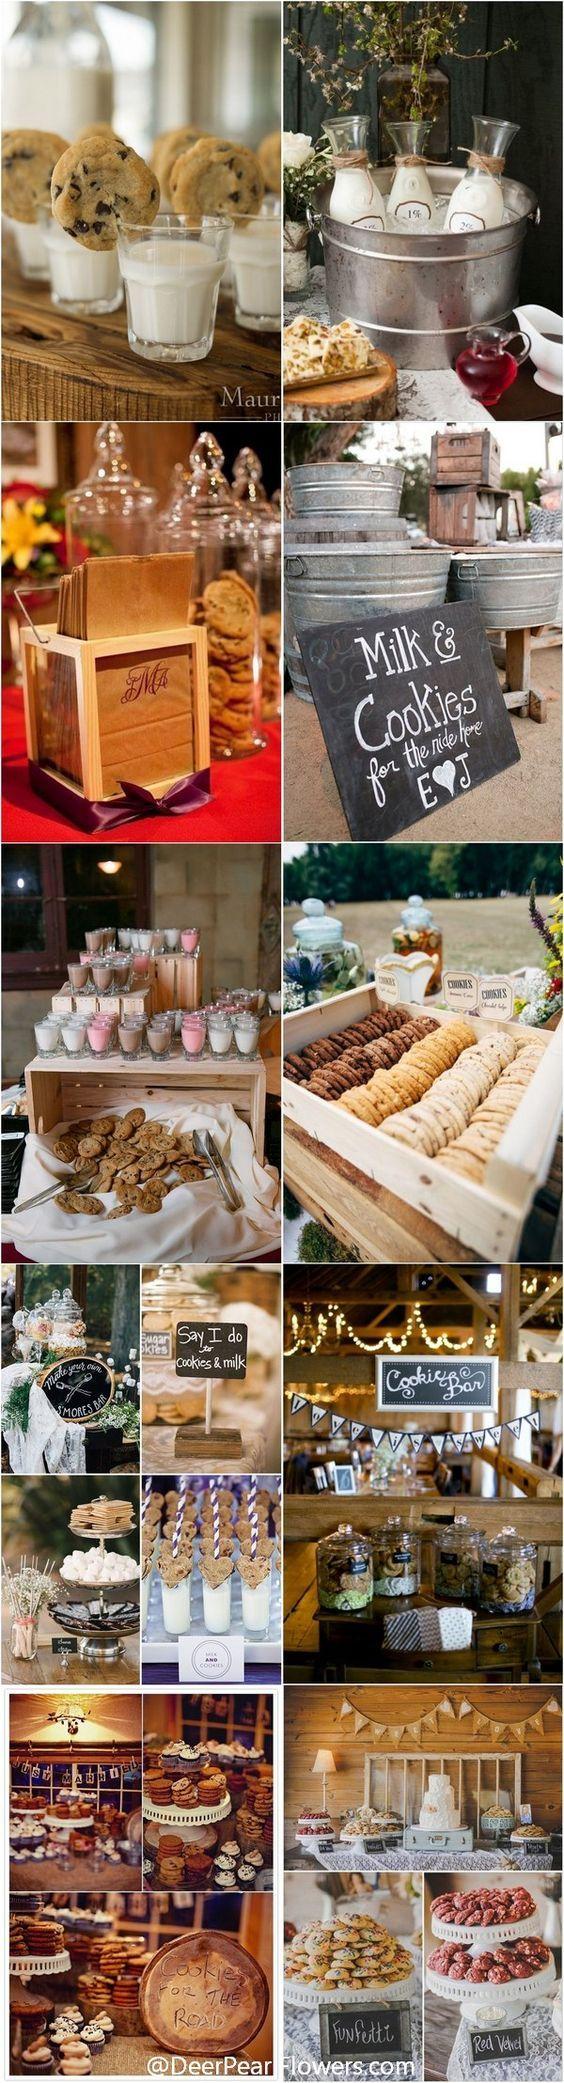 Galletas con leche y barras de donuts. Una tendencia que pisa fuerte en las bodas. Un postre delicioso y de bajo costo. ¿Qué mejor que un manojo de galletas y donuts?